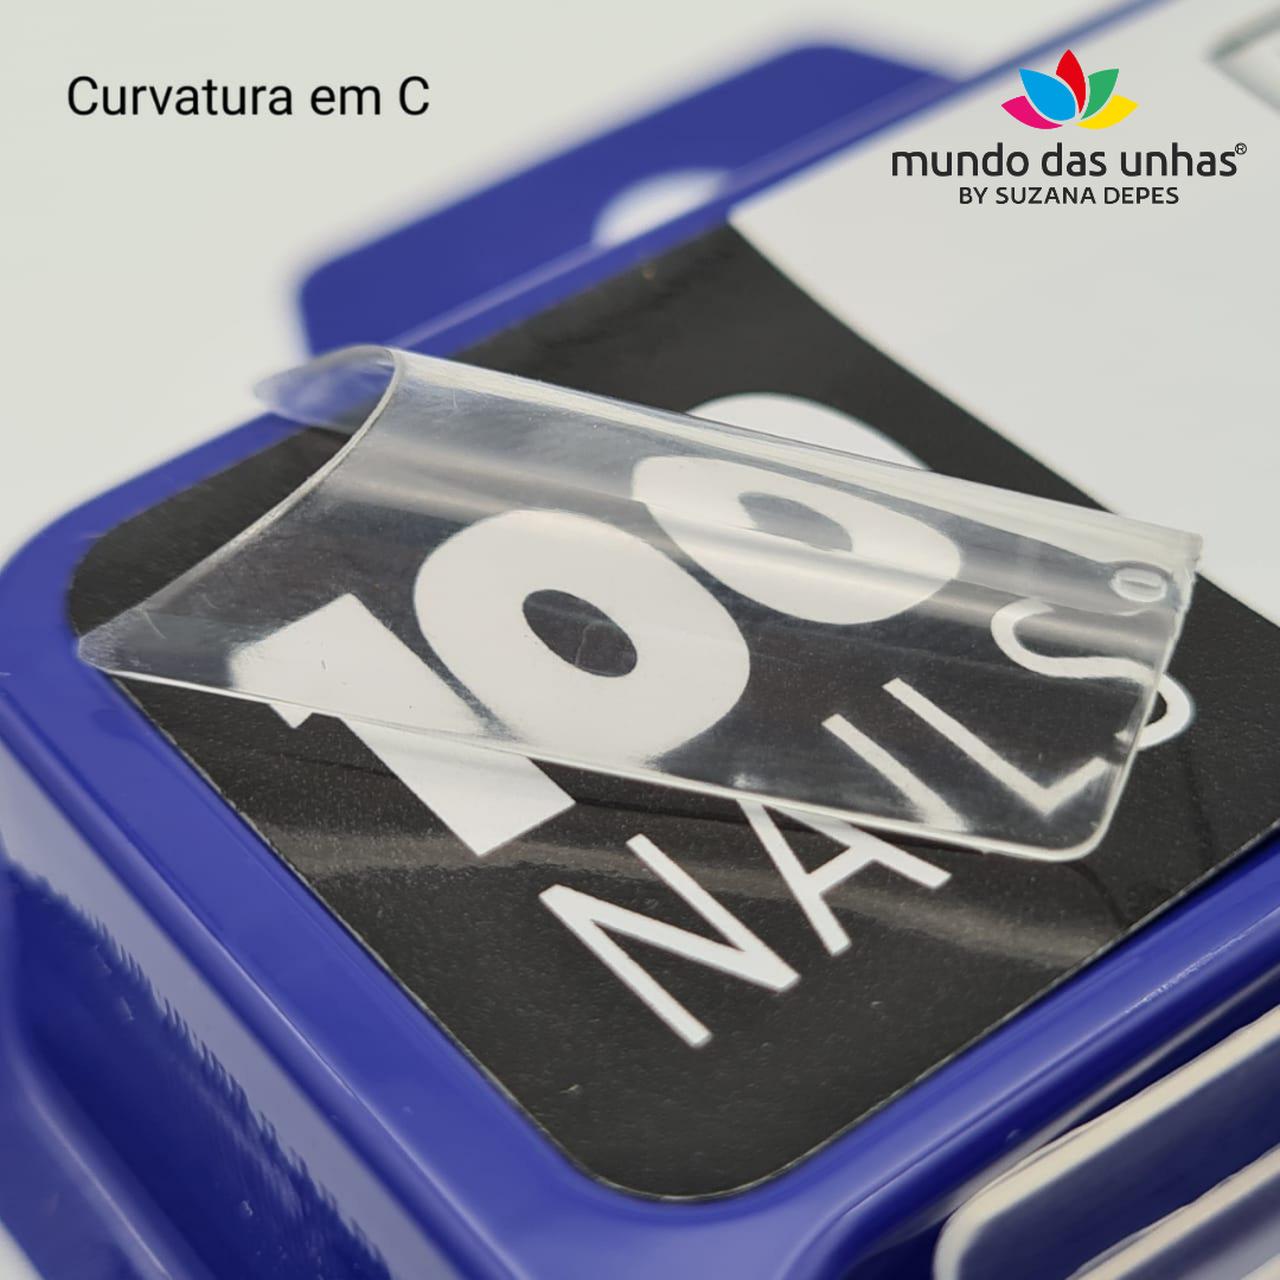 Tips Curvatura em C - 100 un